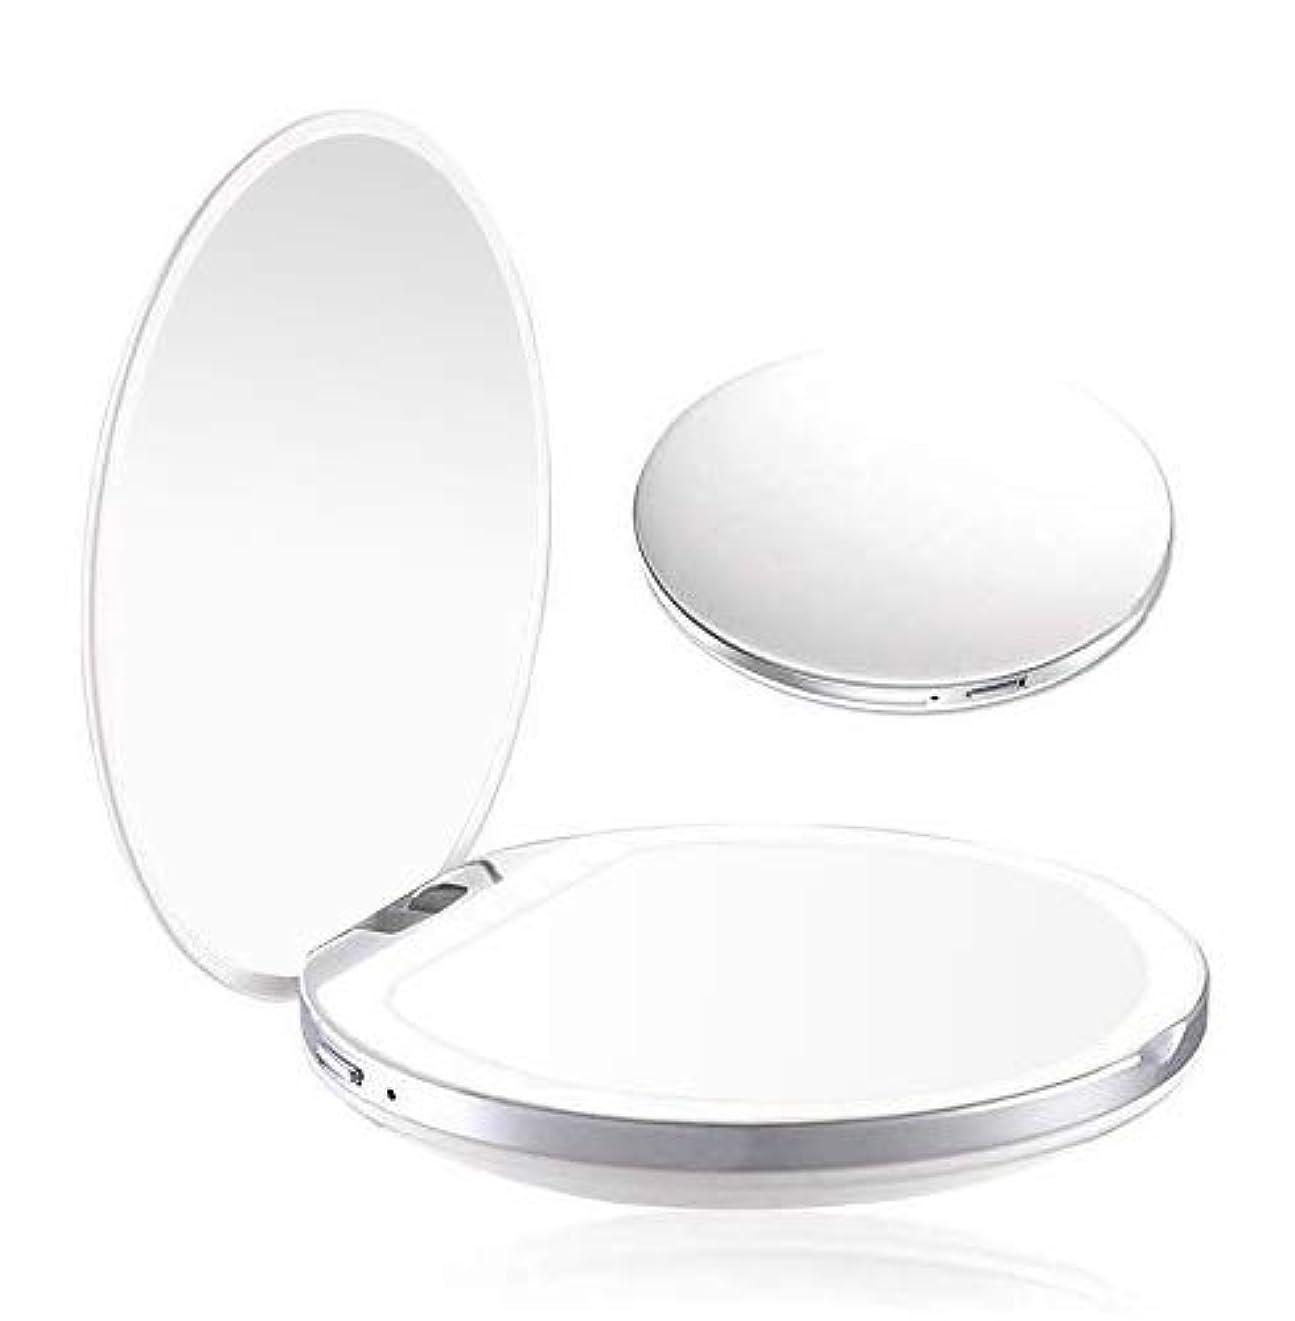 普通のディーラー抜け目がない携帯ミラー 化粧鏡 LED手鏡 両面ミラー 折り畳み式鏡 コンパクトミラー 3倍拡大 持ちやすい ファッション 便利軽量 ファッション USB充電 明るさ調節可能 (ホワイト)